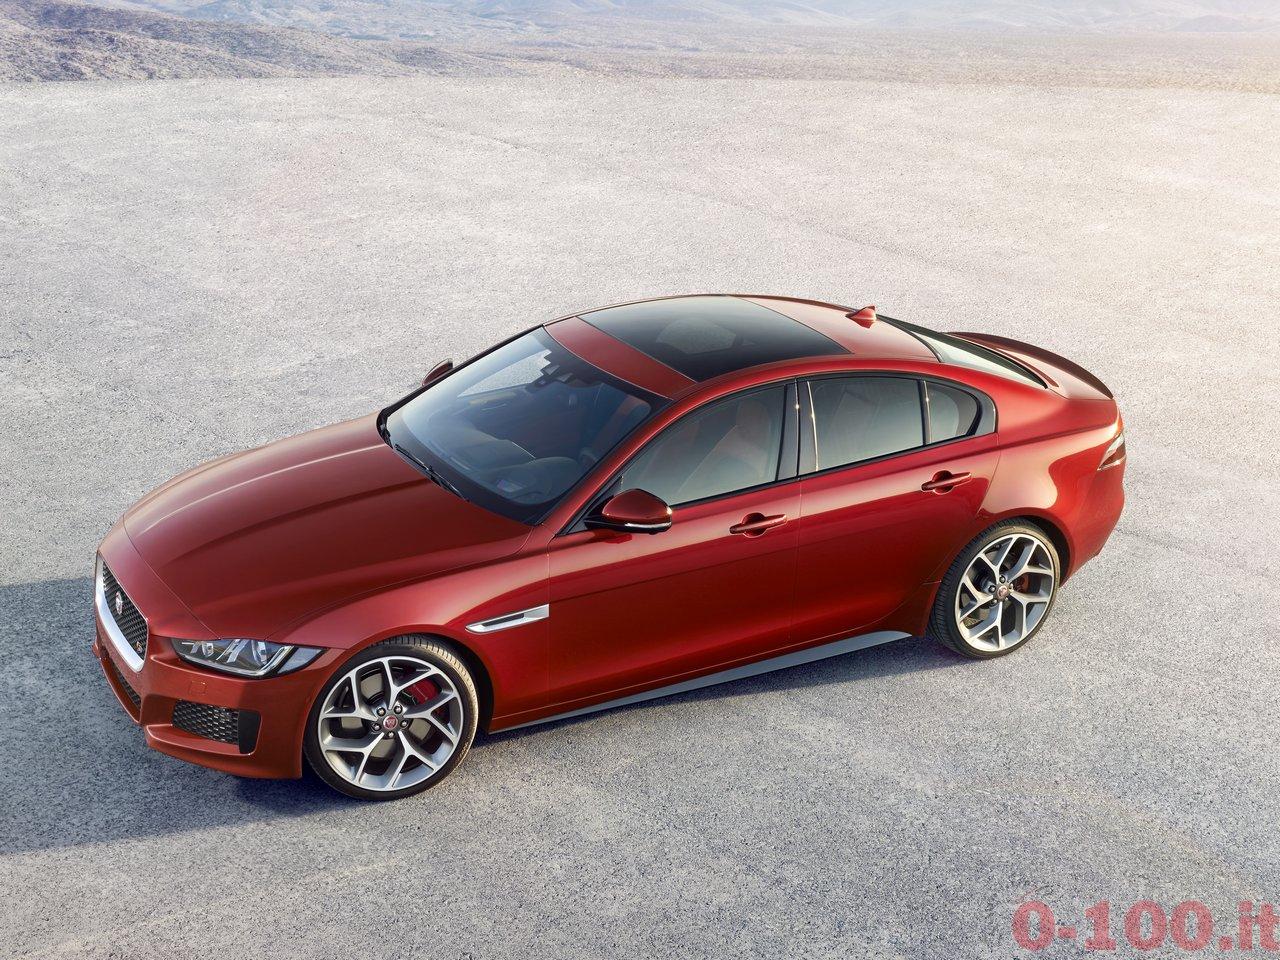 jaguar-xe-s-prezzo-price-2015_0-100_7